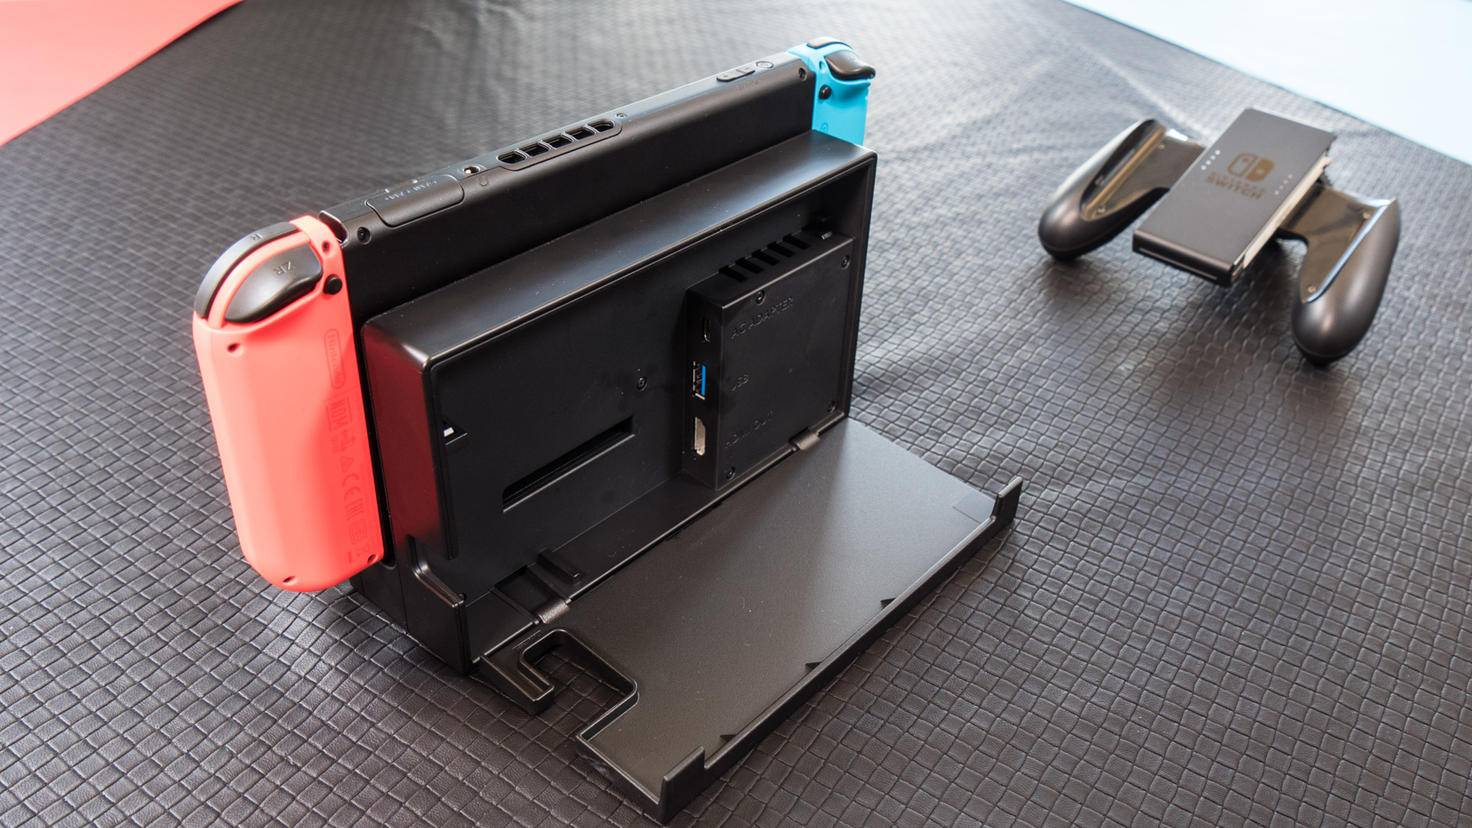 Die Verbindung erfolgt über USB-Typ-C, das Dock wird dann per HDMI mit dem Fernseher verbunden.